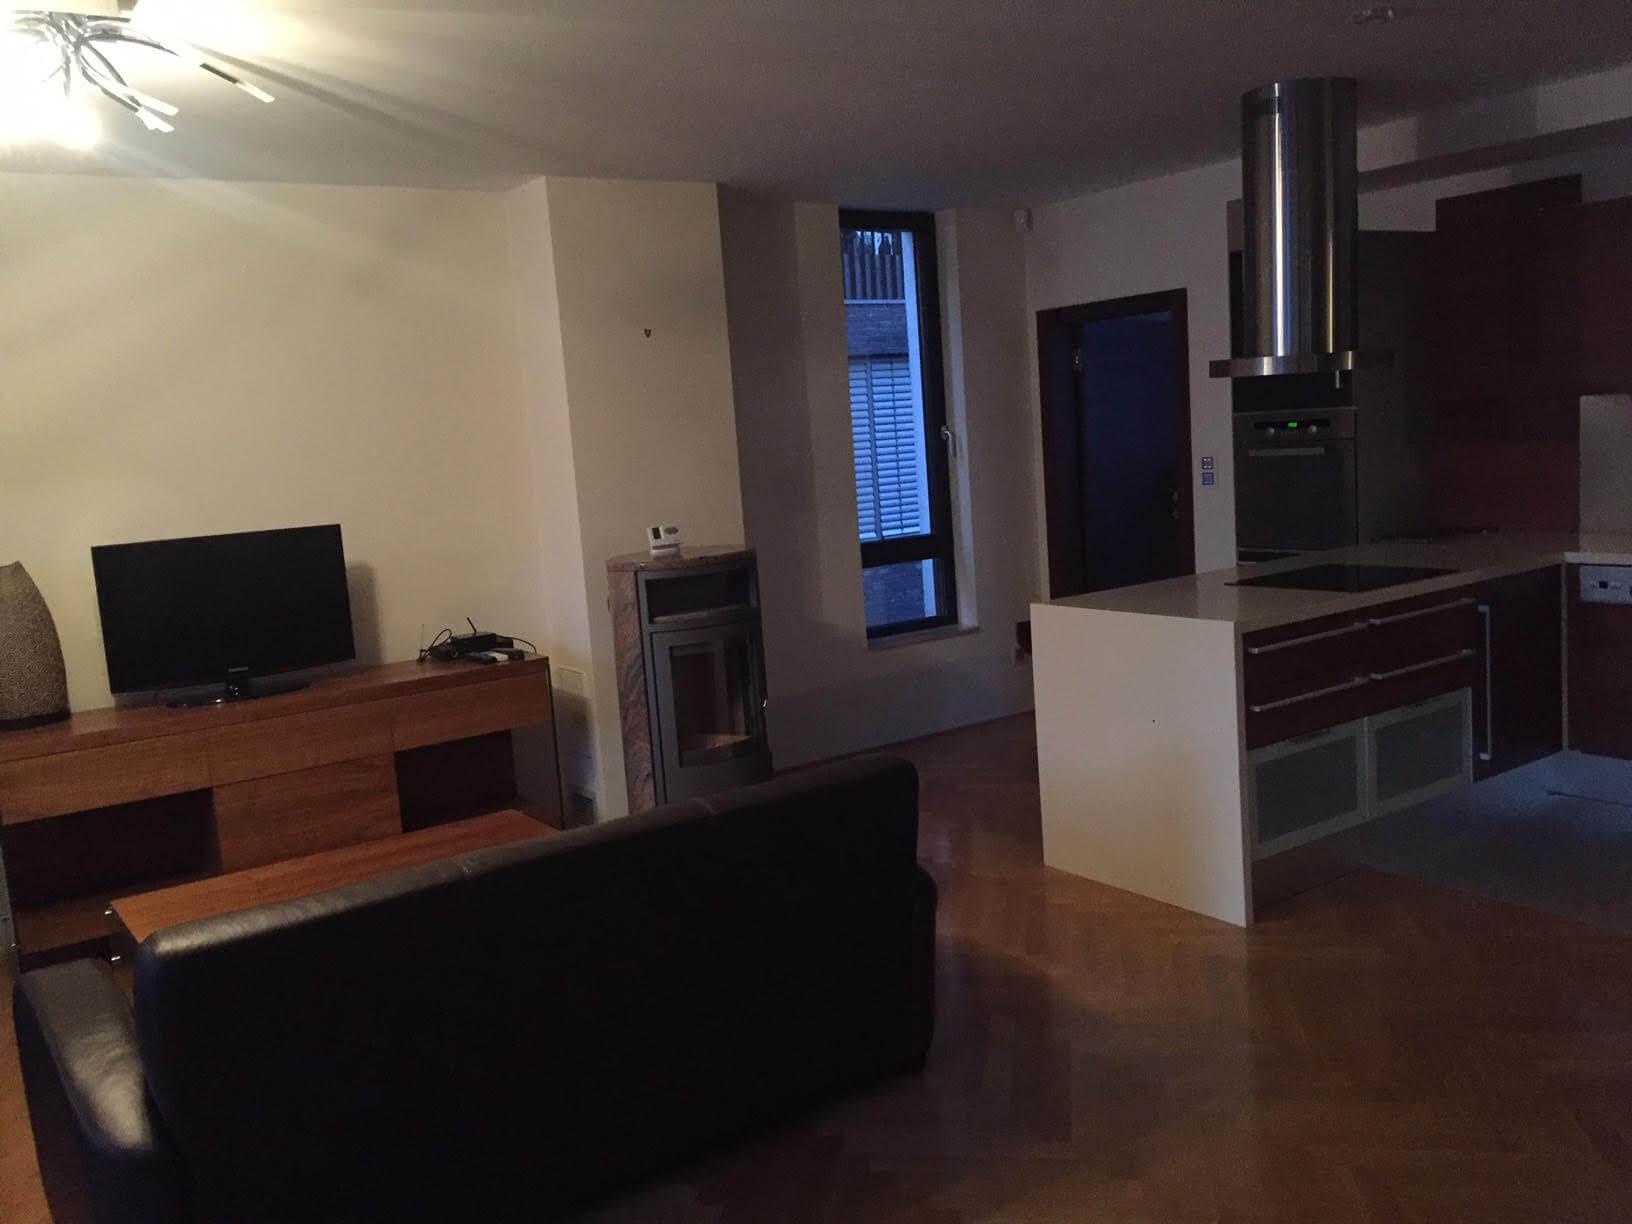 Prenajaté: Luxusný 3 izbový byt v centre BA, 88m2, Dunajská 48, balkón 6m, garážové státie,klimatizácia, krb-2